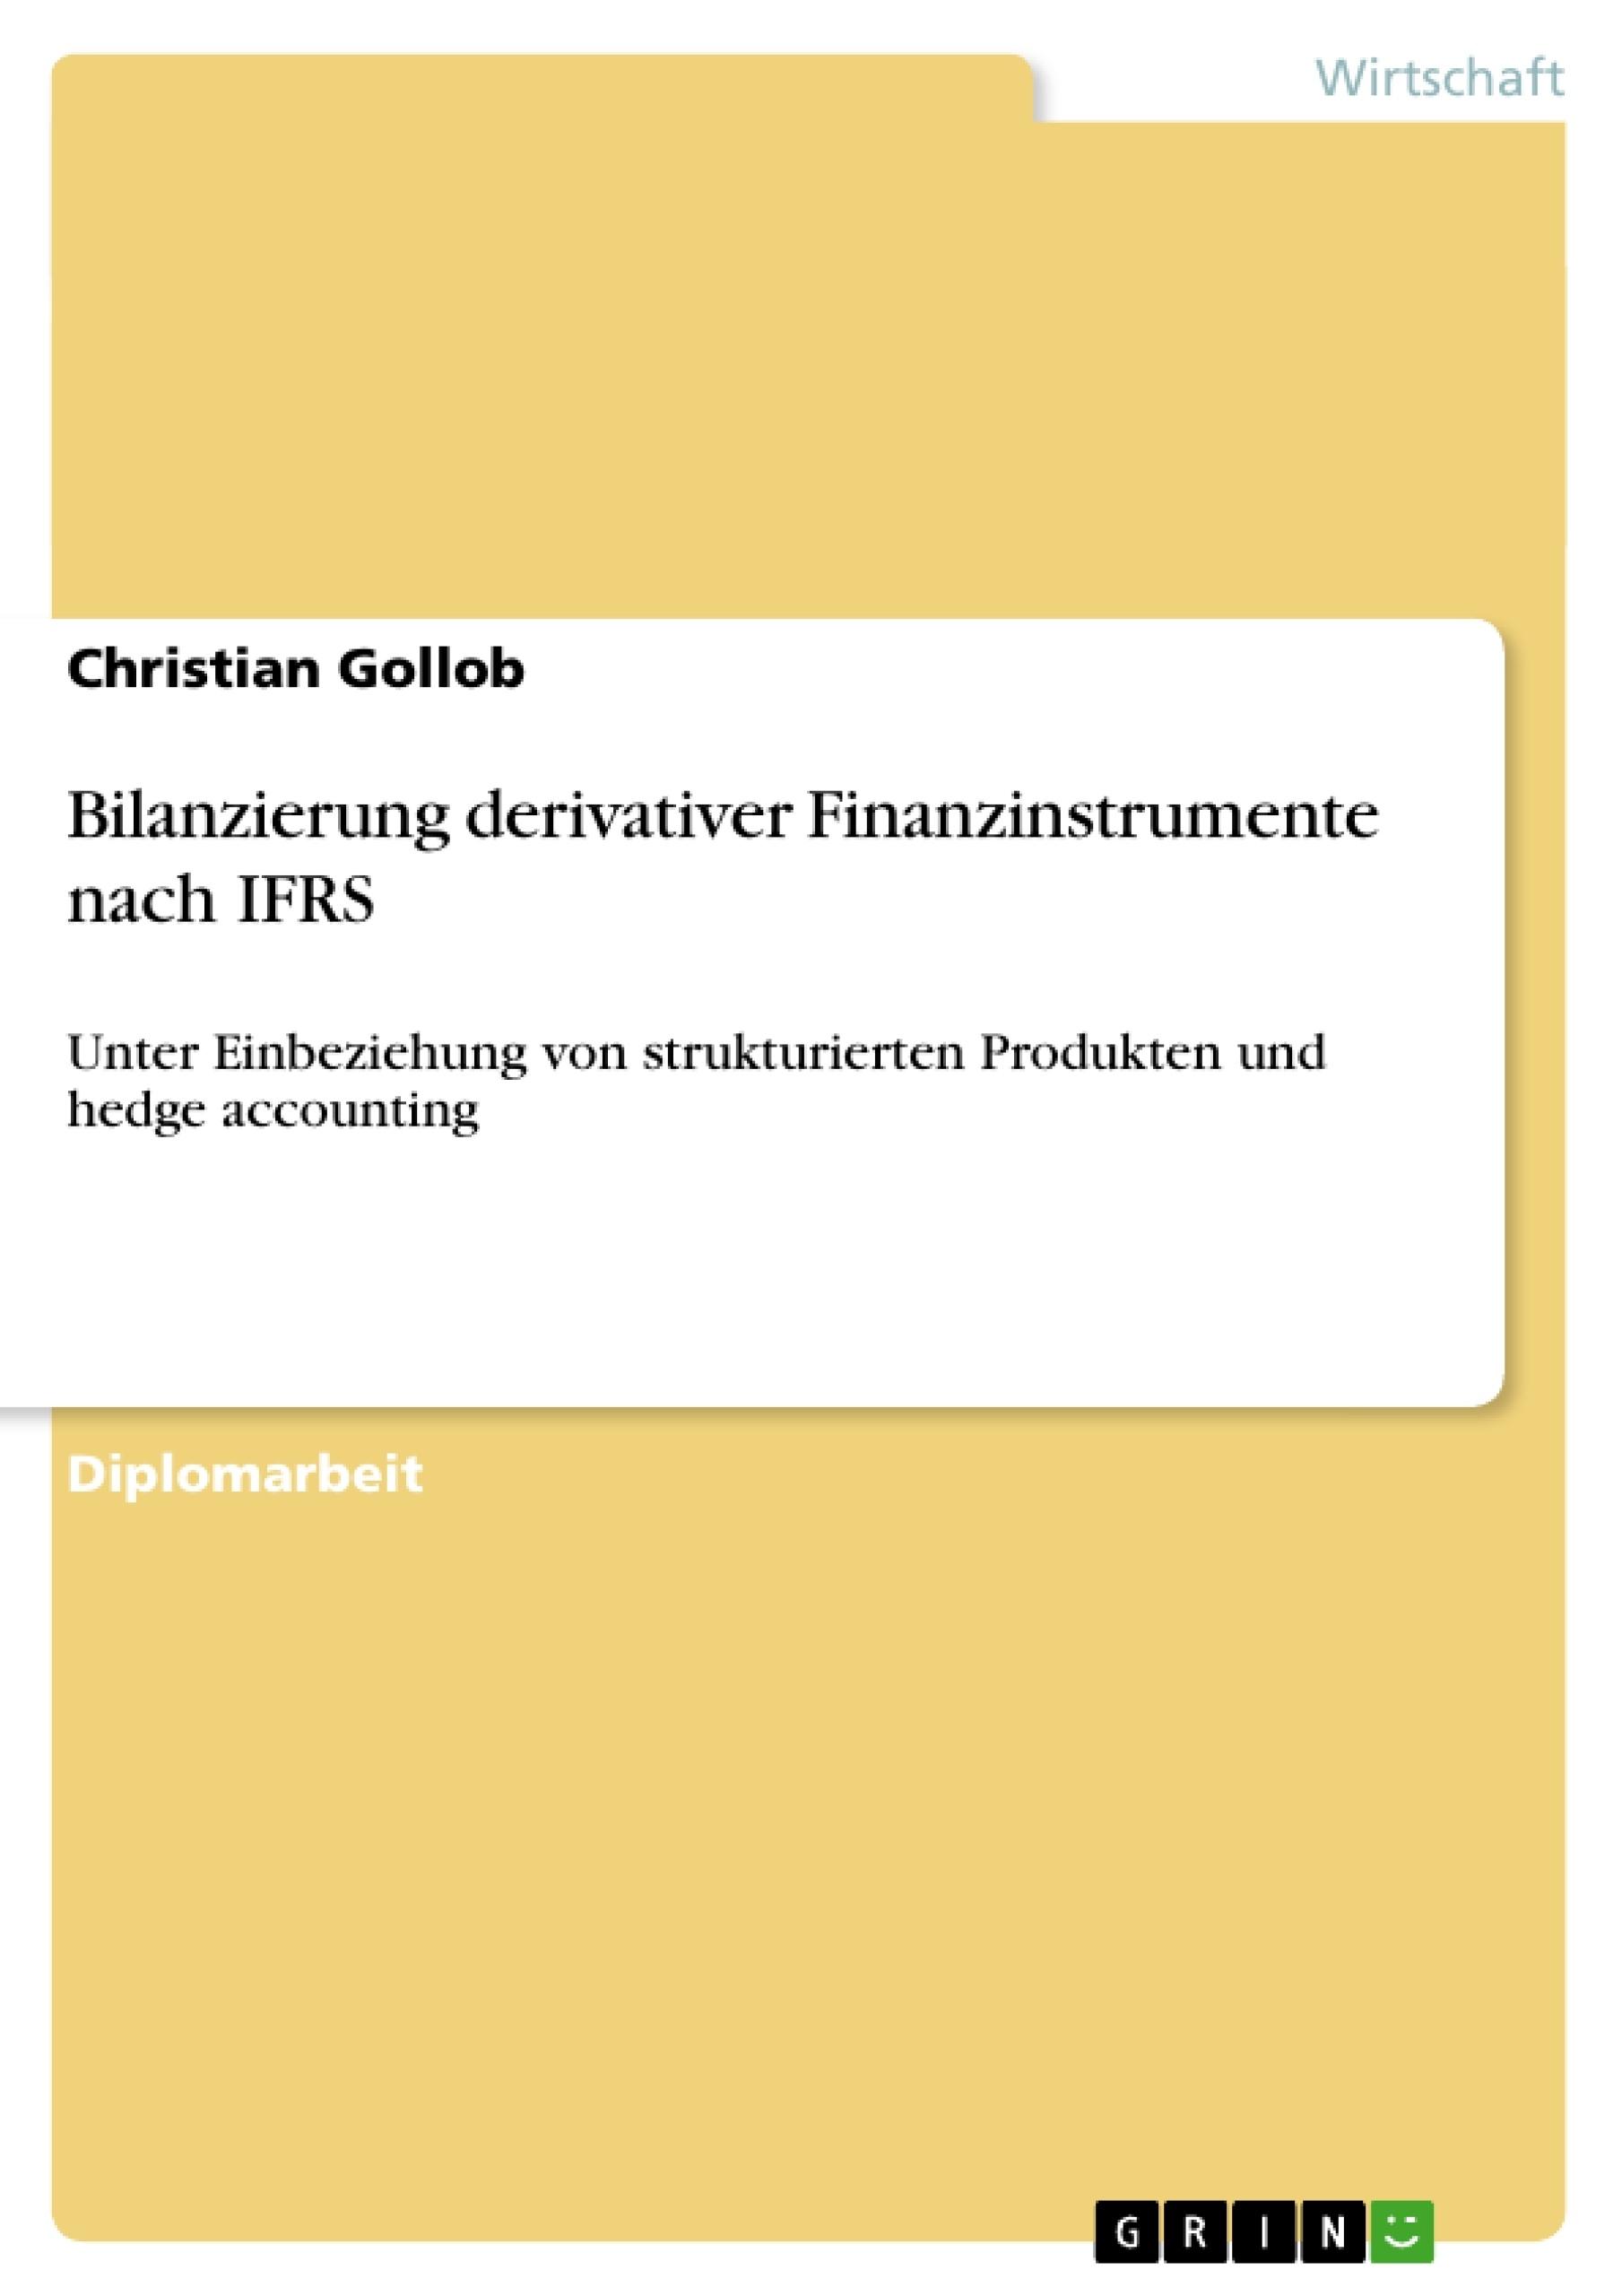 Titel: Bilanzierung derivativer Finanzinstrumente nach IFRS